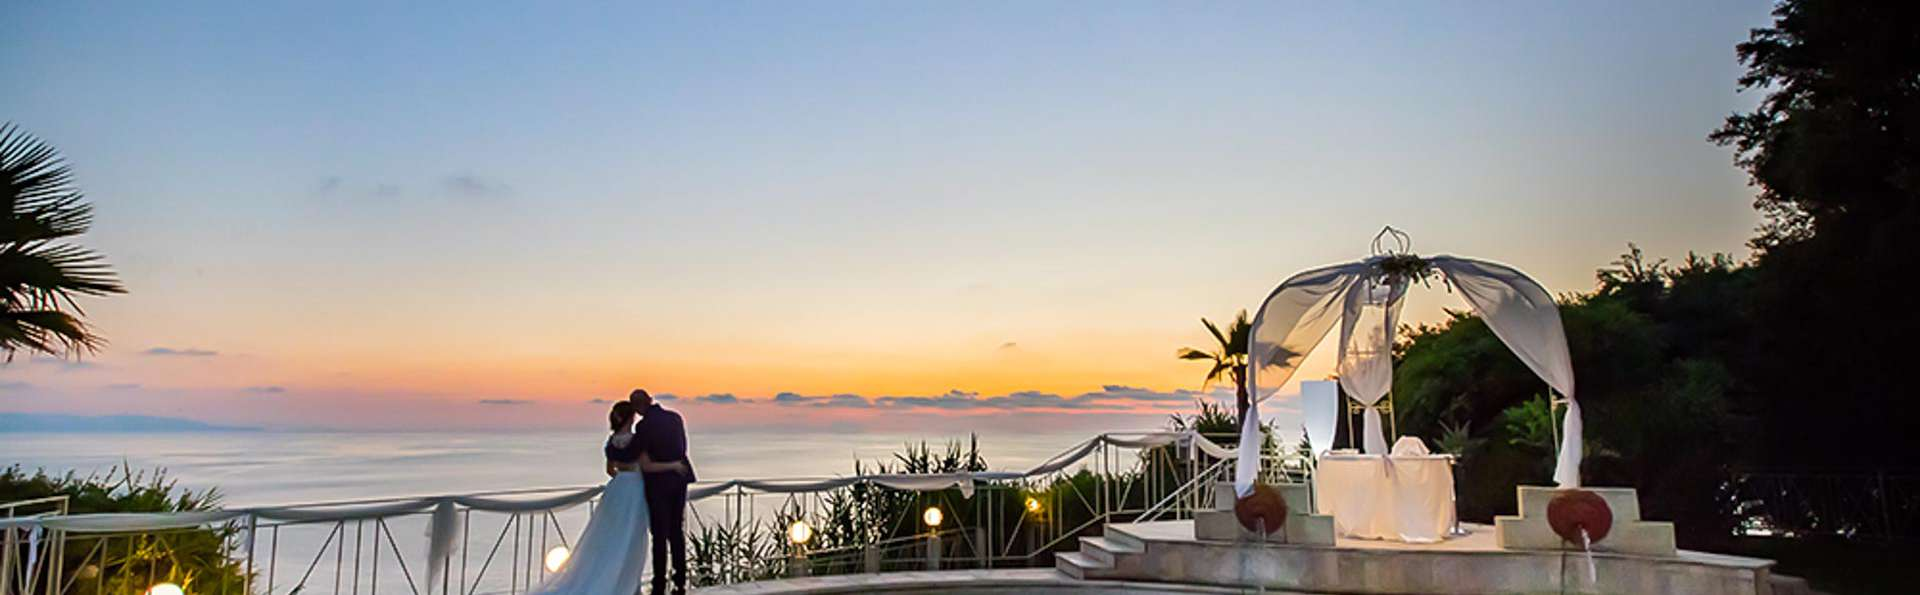 Weekend romantico in Calabria: sulla Costa Viola con cena e SPA privata